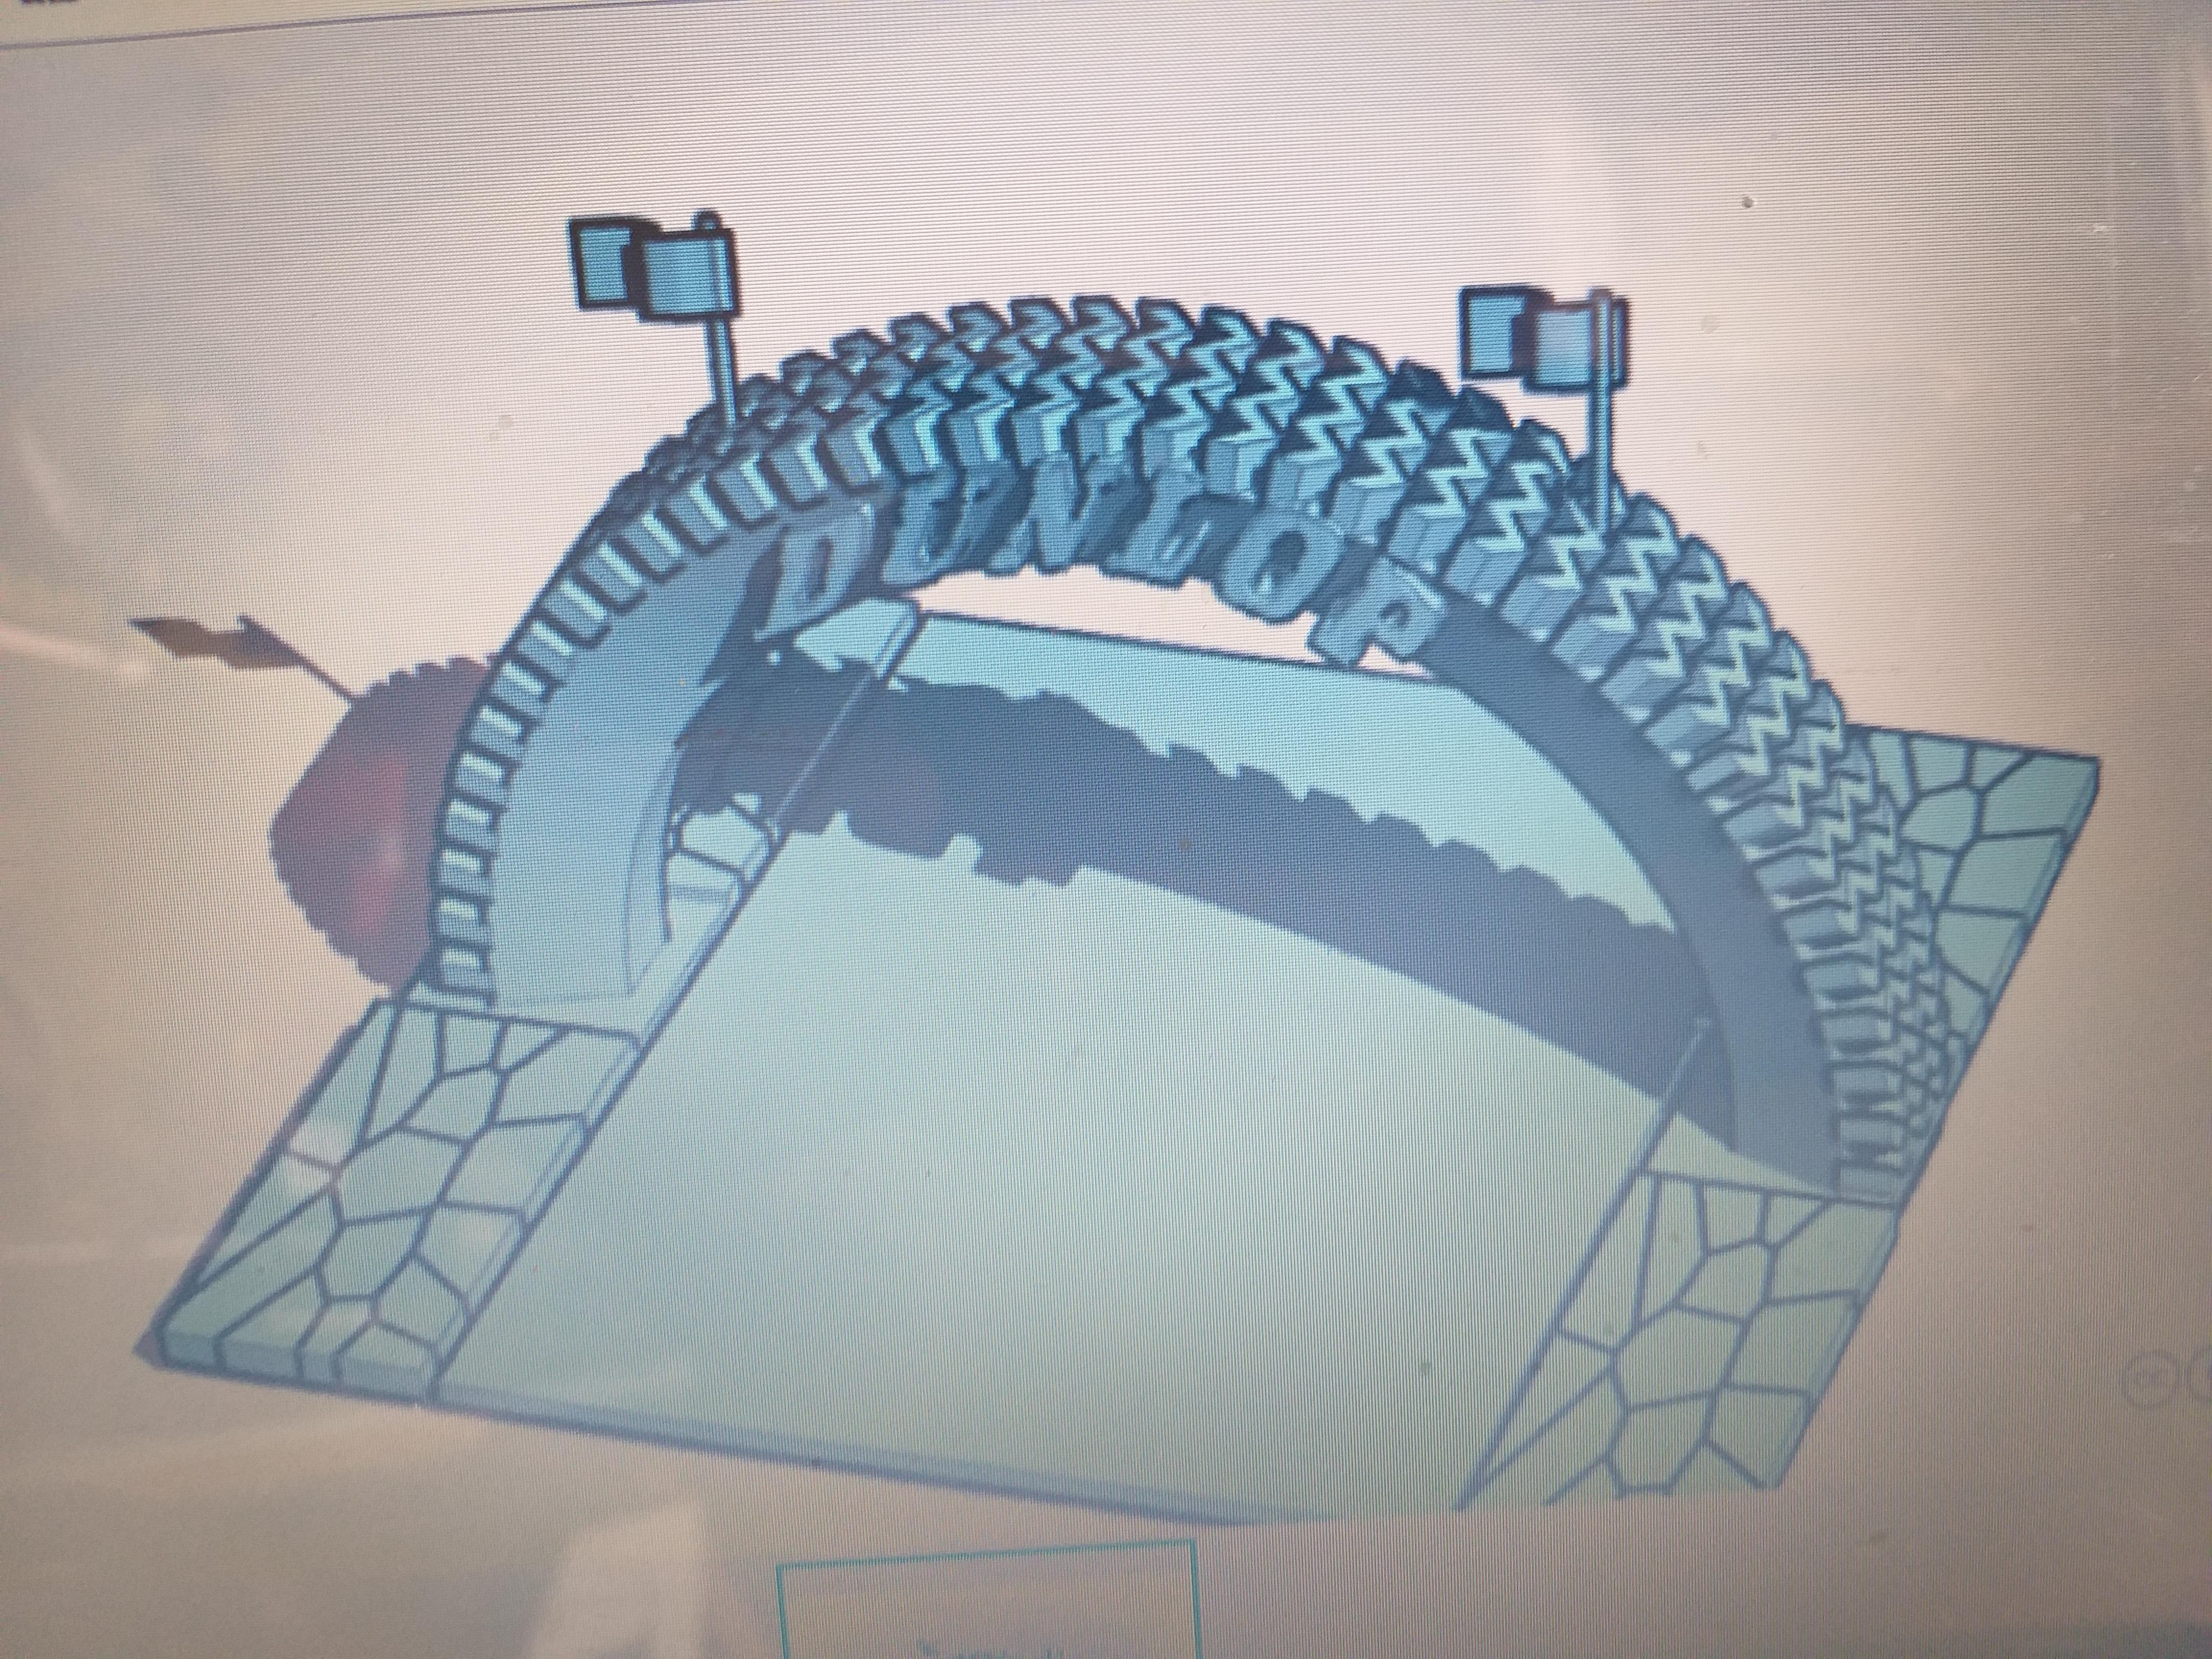 DUNLOP TYRE ARCH.jpg Télécharger fichier STL gratuit PUBLICITÉ DE COURSE VINTAGE • Modèle pour impression 3D, procv